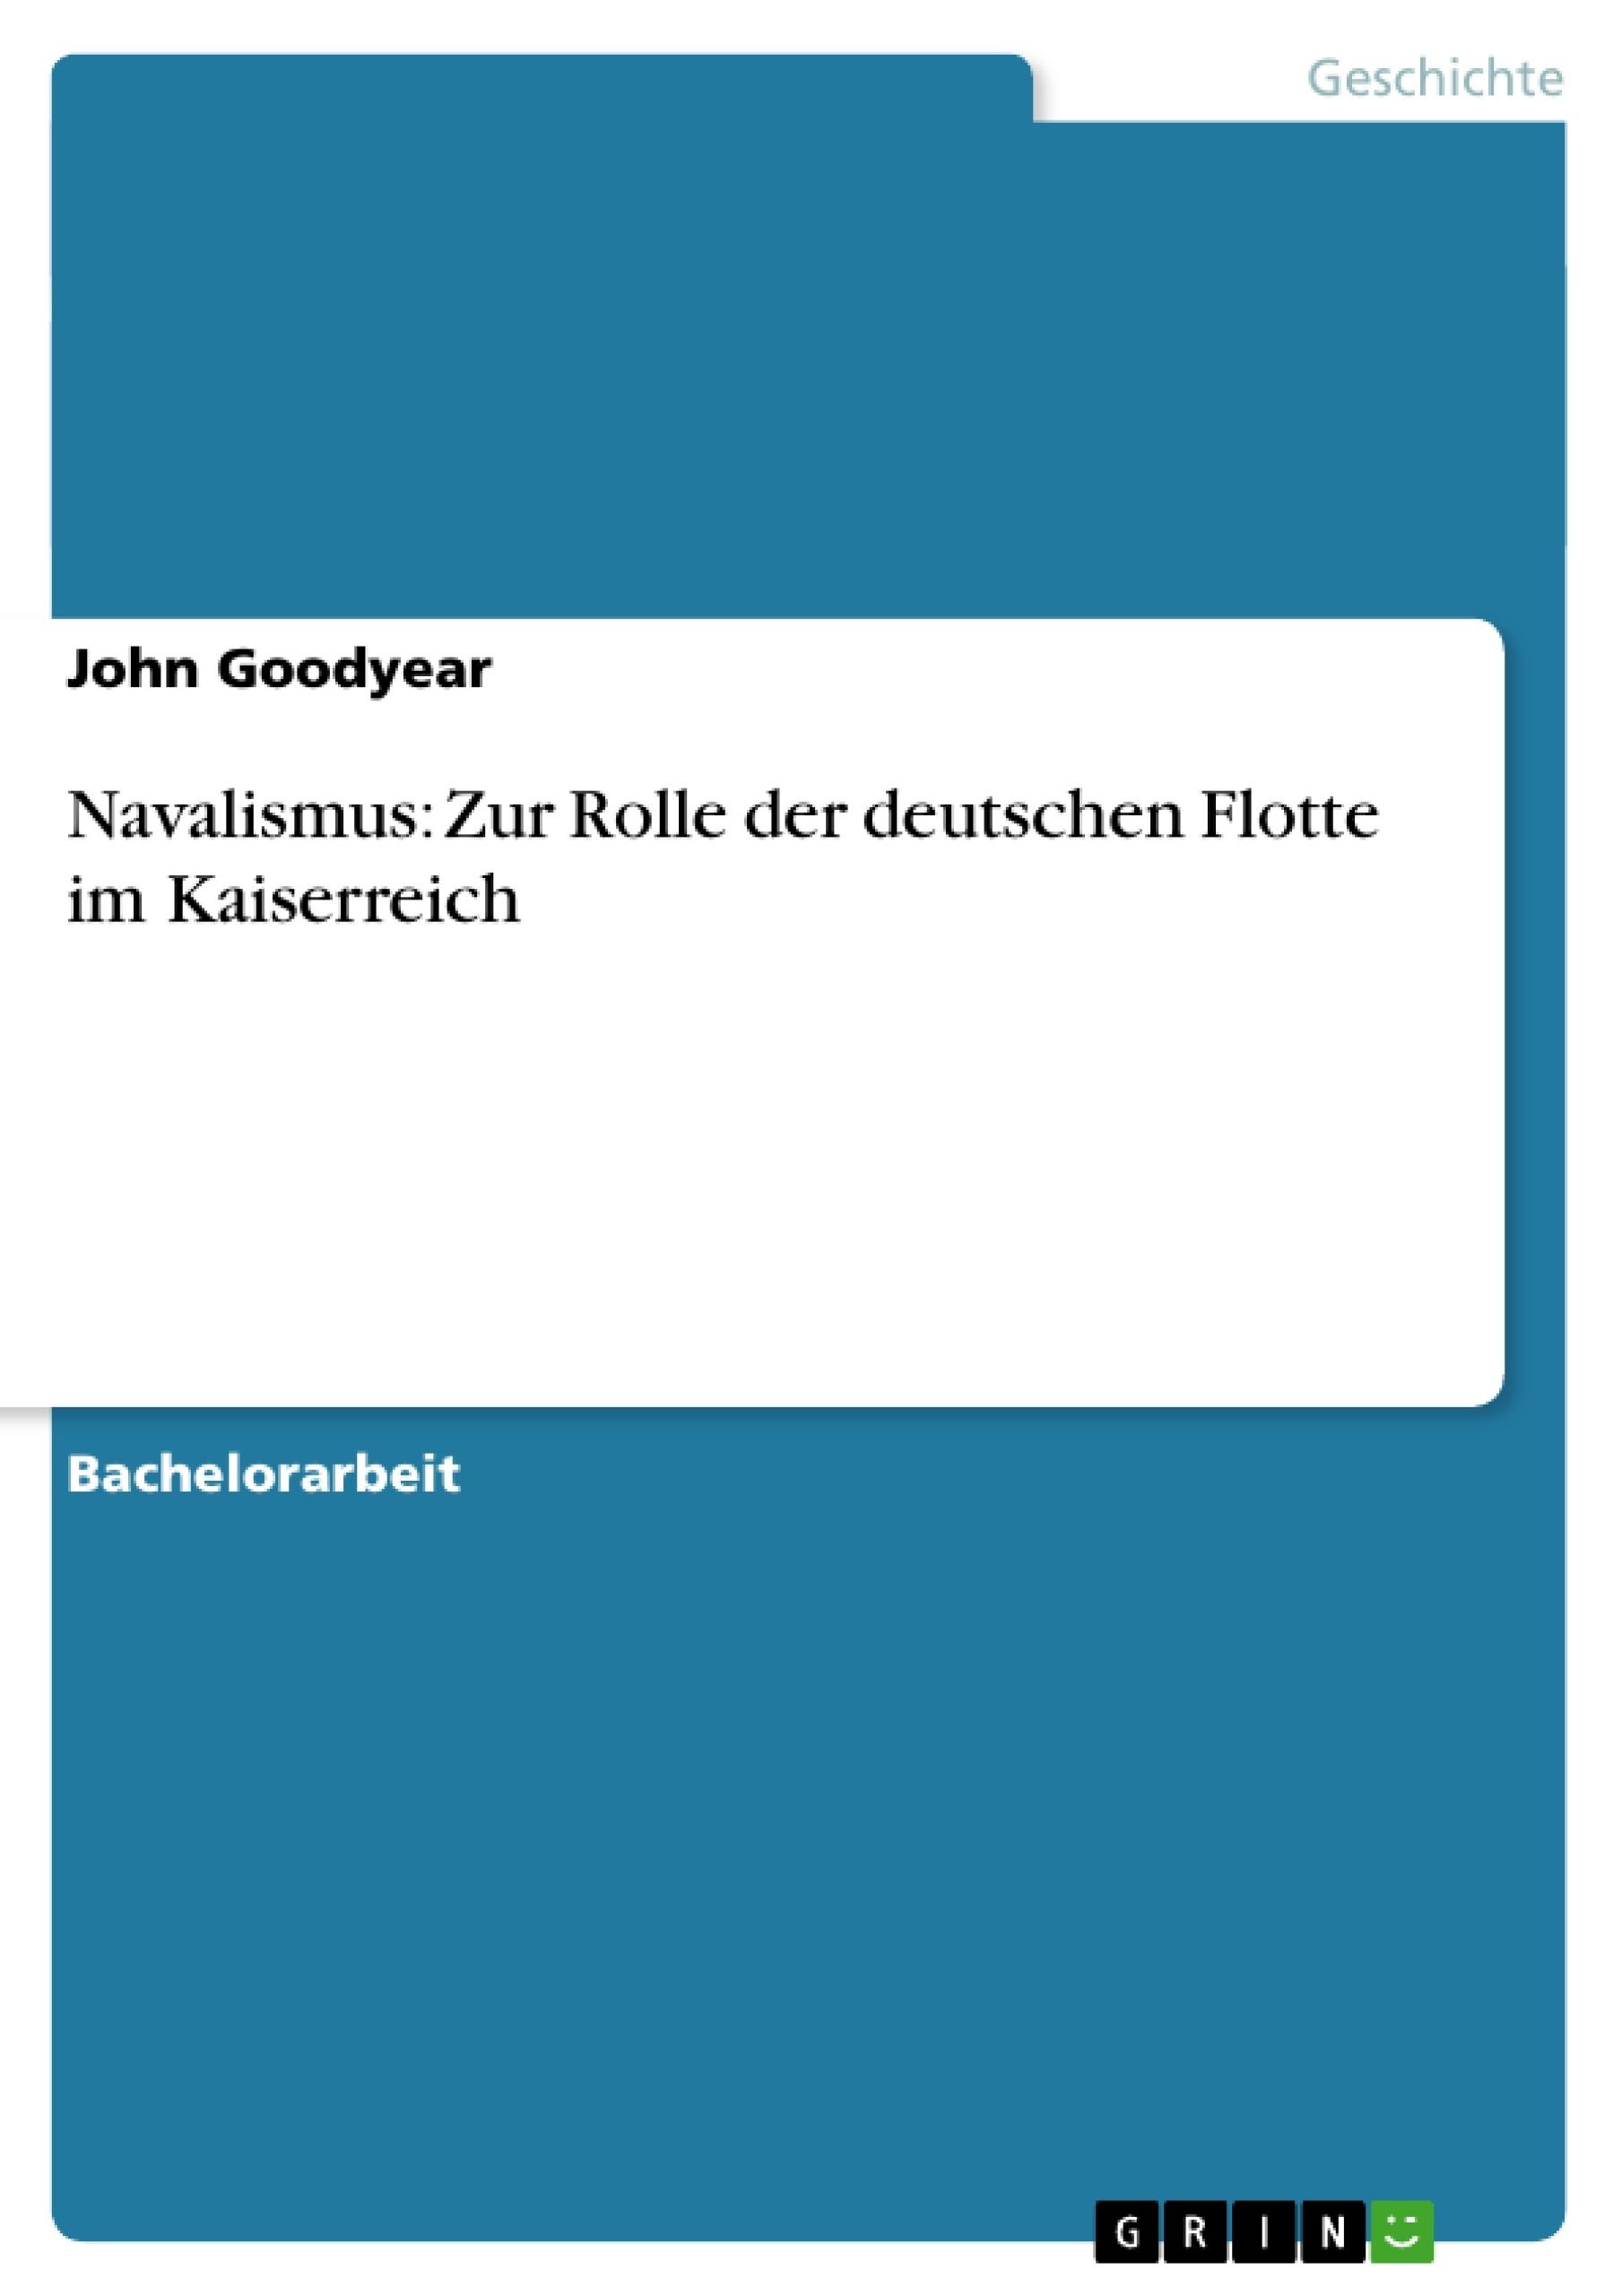 Titel: Navalismus: Zur Rolle der deutschen Flotte im Kaiserreich